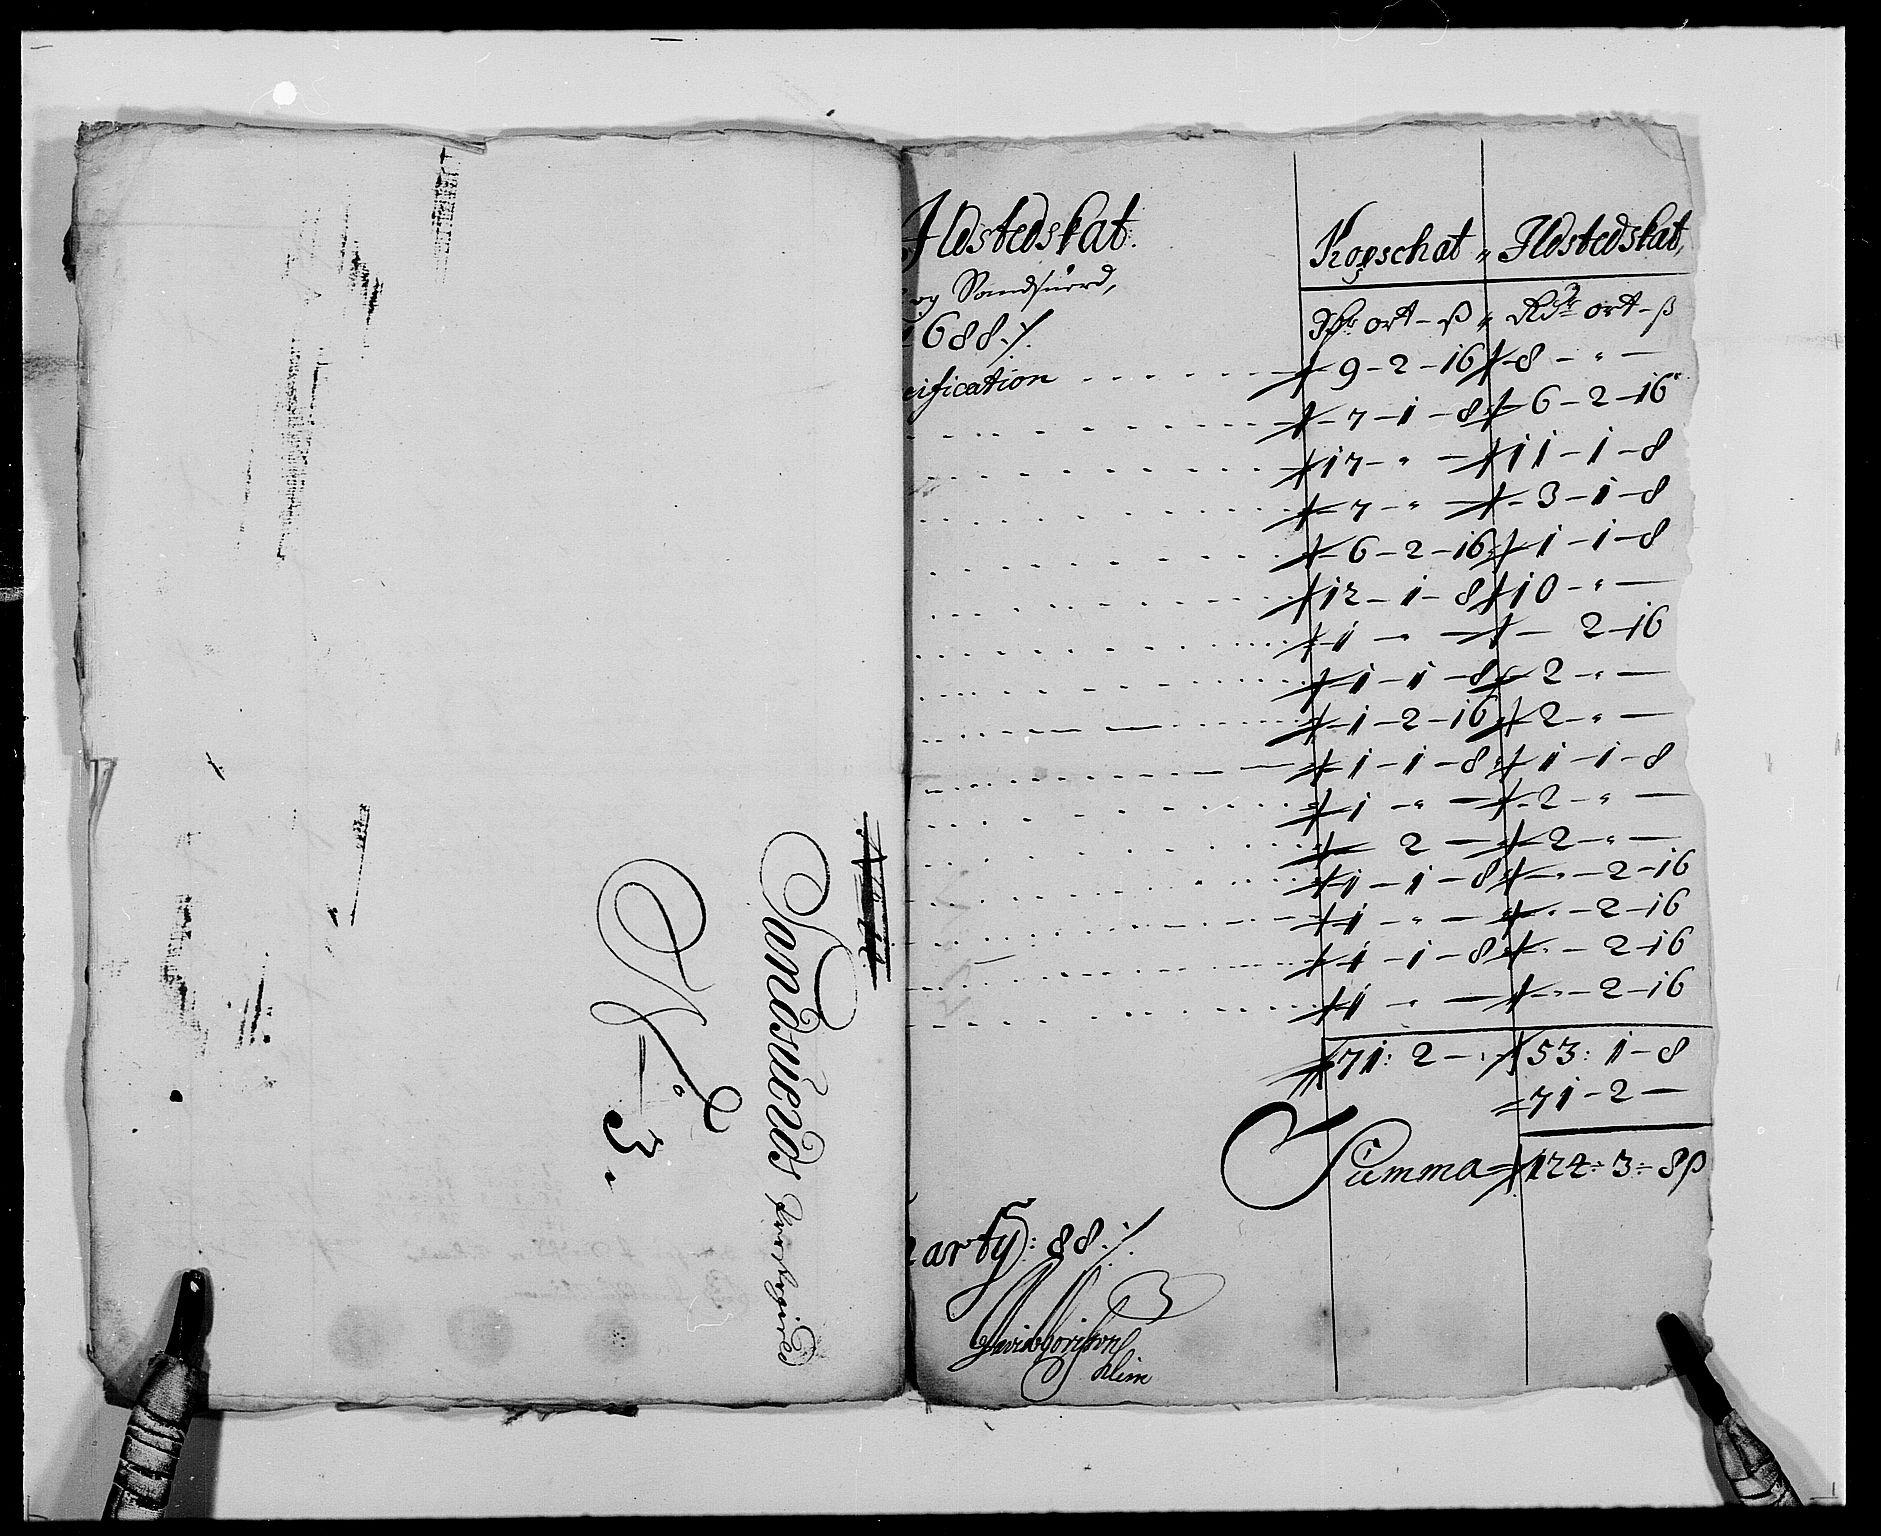 RA, Rentekammeret inntil 1814, Reviderte regnskaper, Fogderegnskap, R24/L1573: Fogderegnskap Numedal og Sandsvær, 1687-1691, s. 339